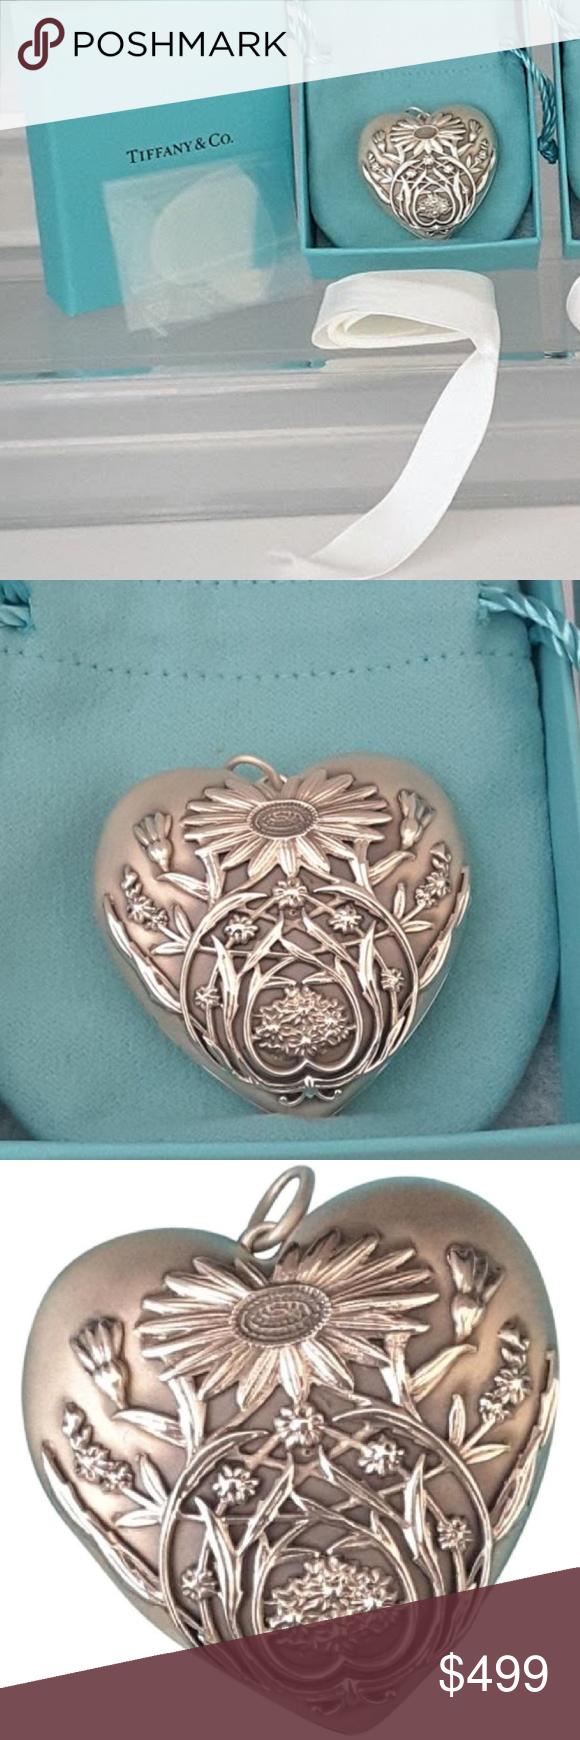 3993ee72256 Tiffany   Co Ziegfeld Daisy Heart Locket Pendant Tiffany   Co. Large size  Ziegfeld Daisy